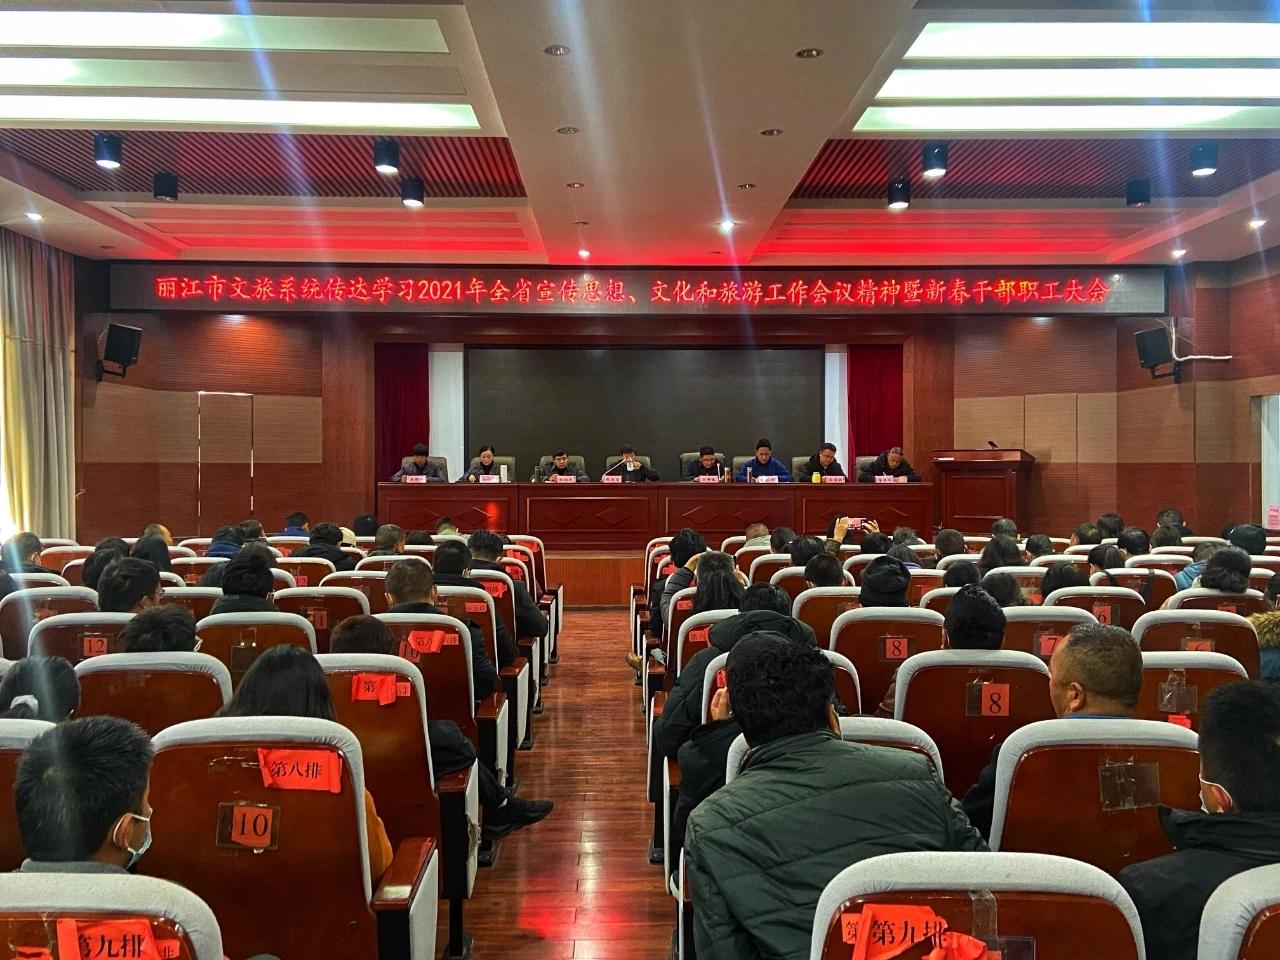 麗江市文旅系統學習傳達2021年全省宣傳思想、文化和旅游工作會議精神